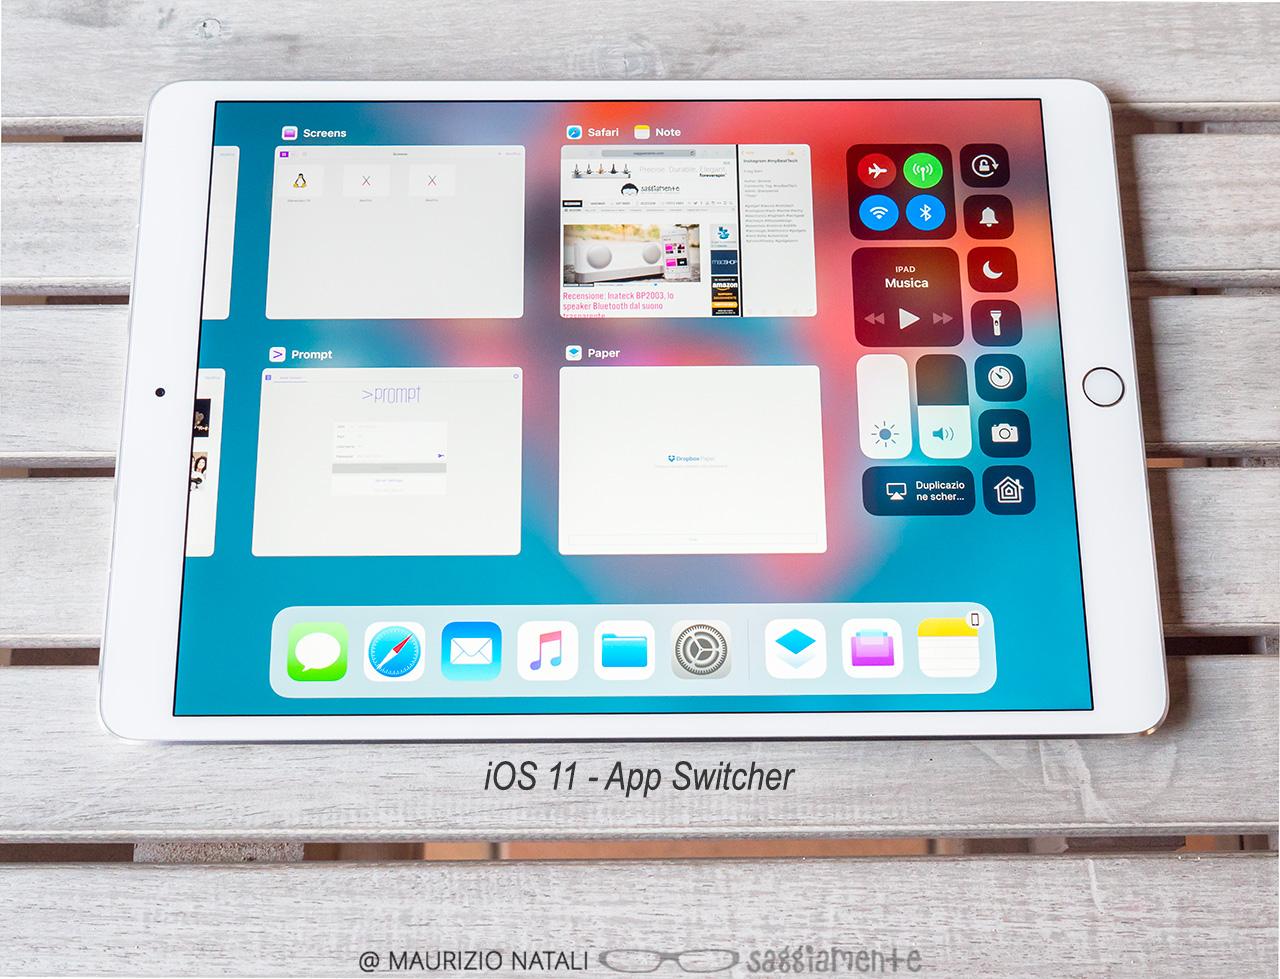 ipad-pro-10.5-ios11-appswitcher